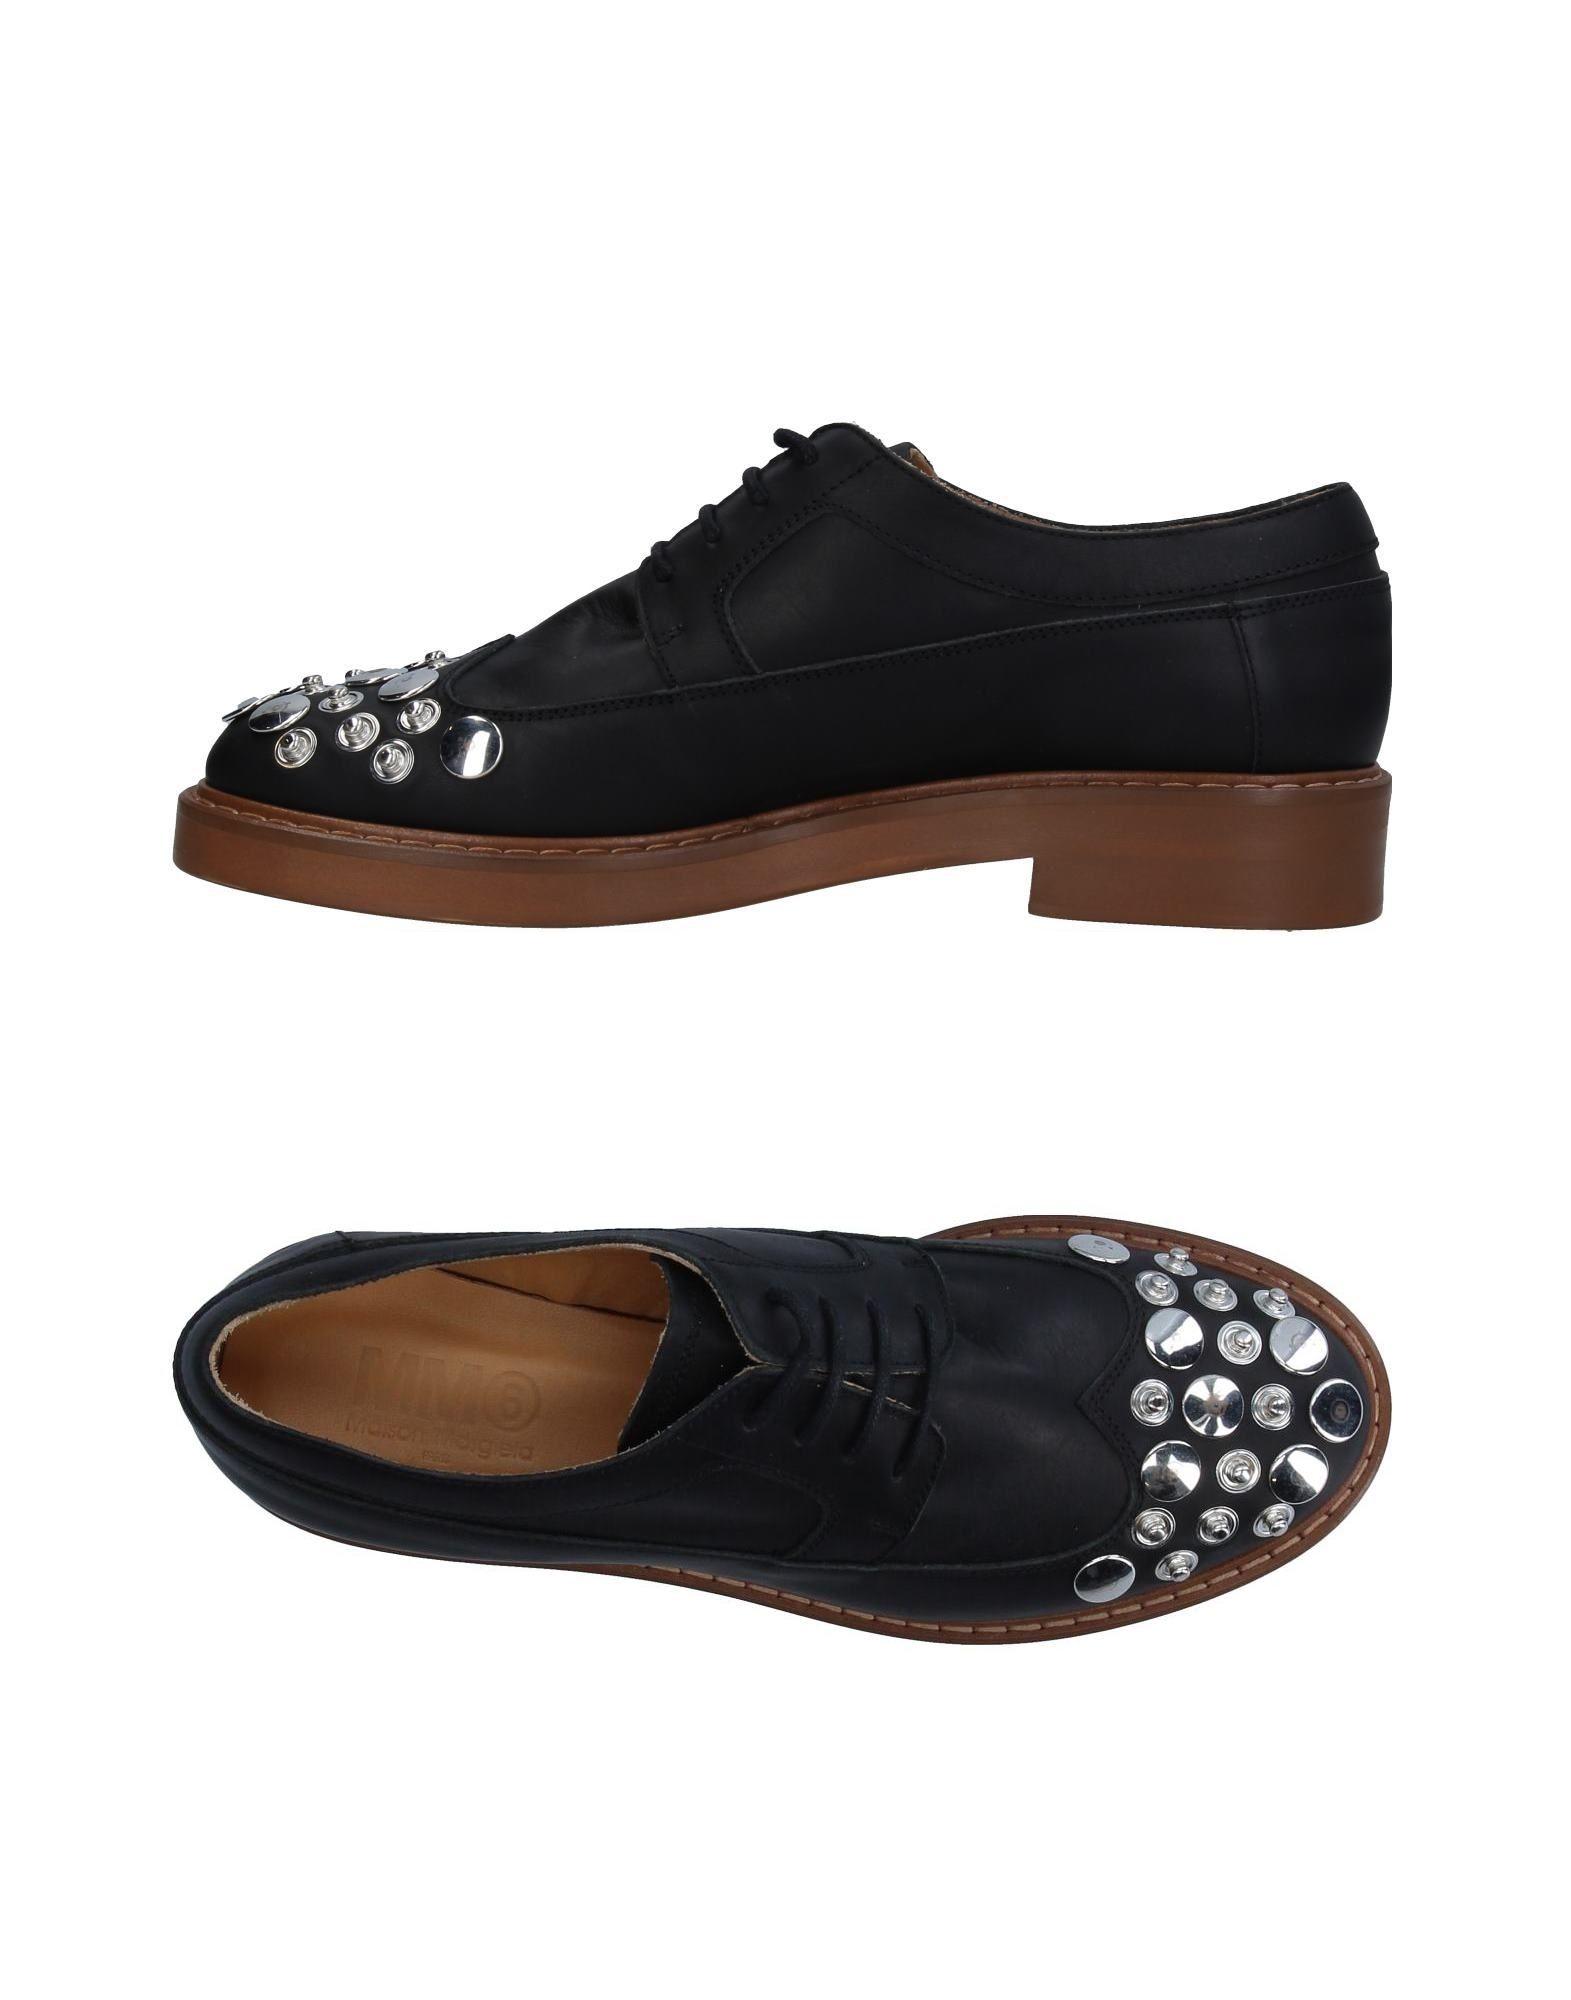 Mm6 Maison Margiela Schnürschuhe Damen  11331318HK beliebte Gute Qualität beliebte 11331318HK Schuhe 564014